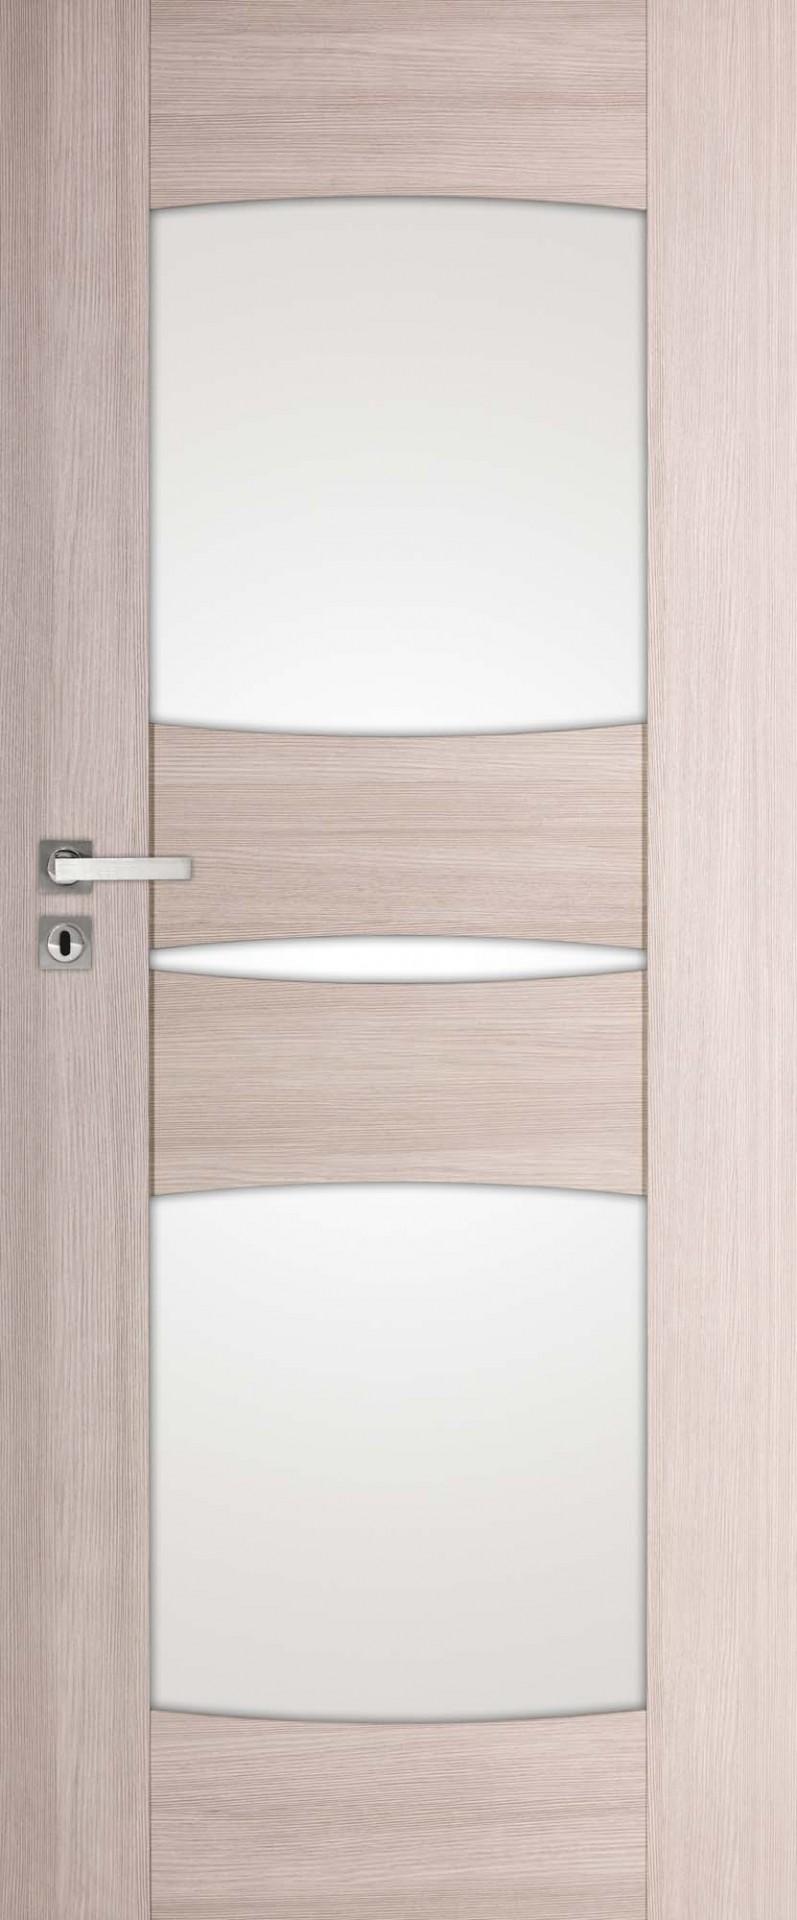 Dre dveře ENA 4, Šíře v cm 80